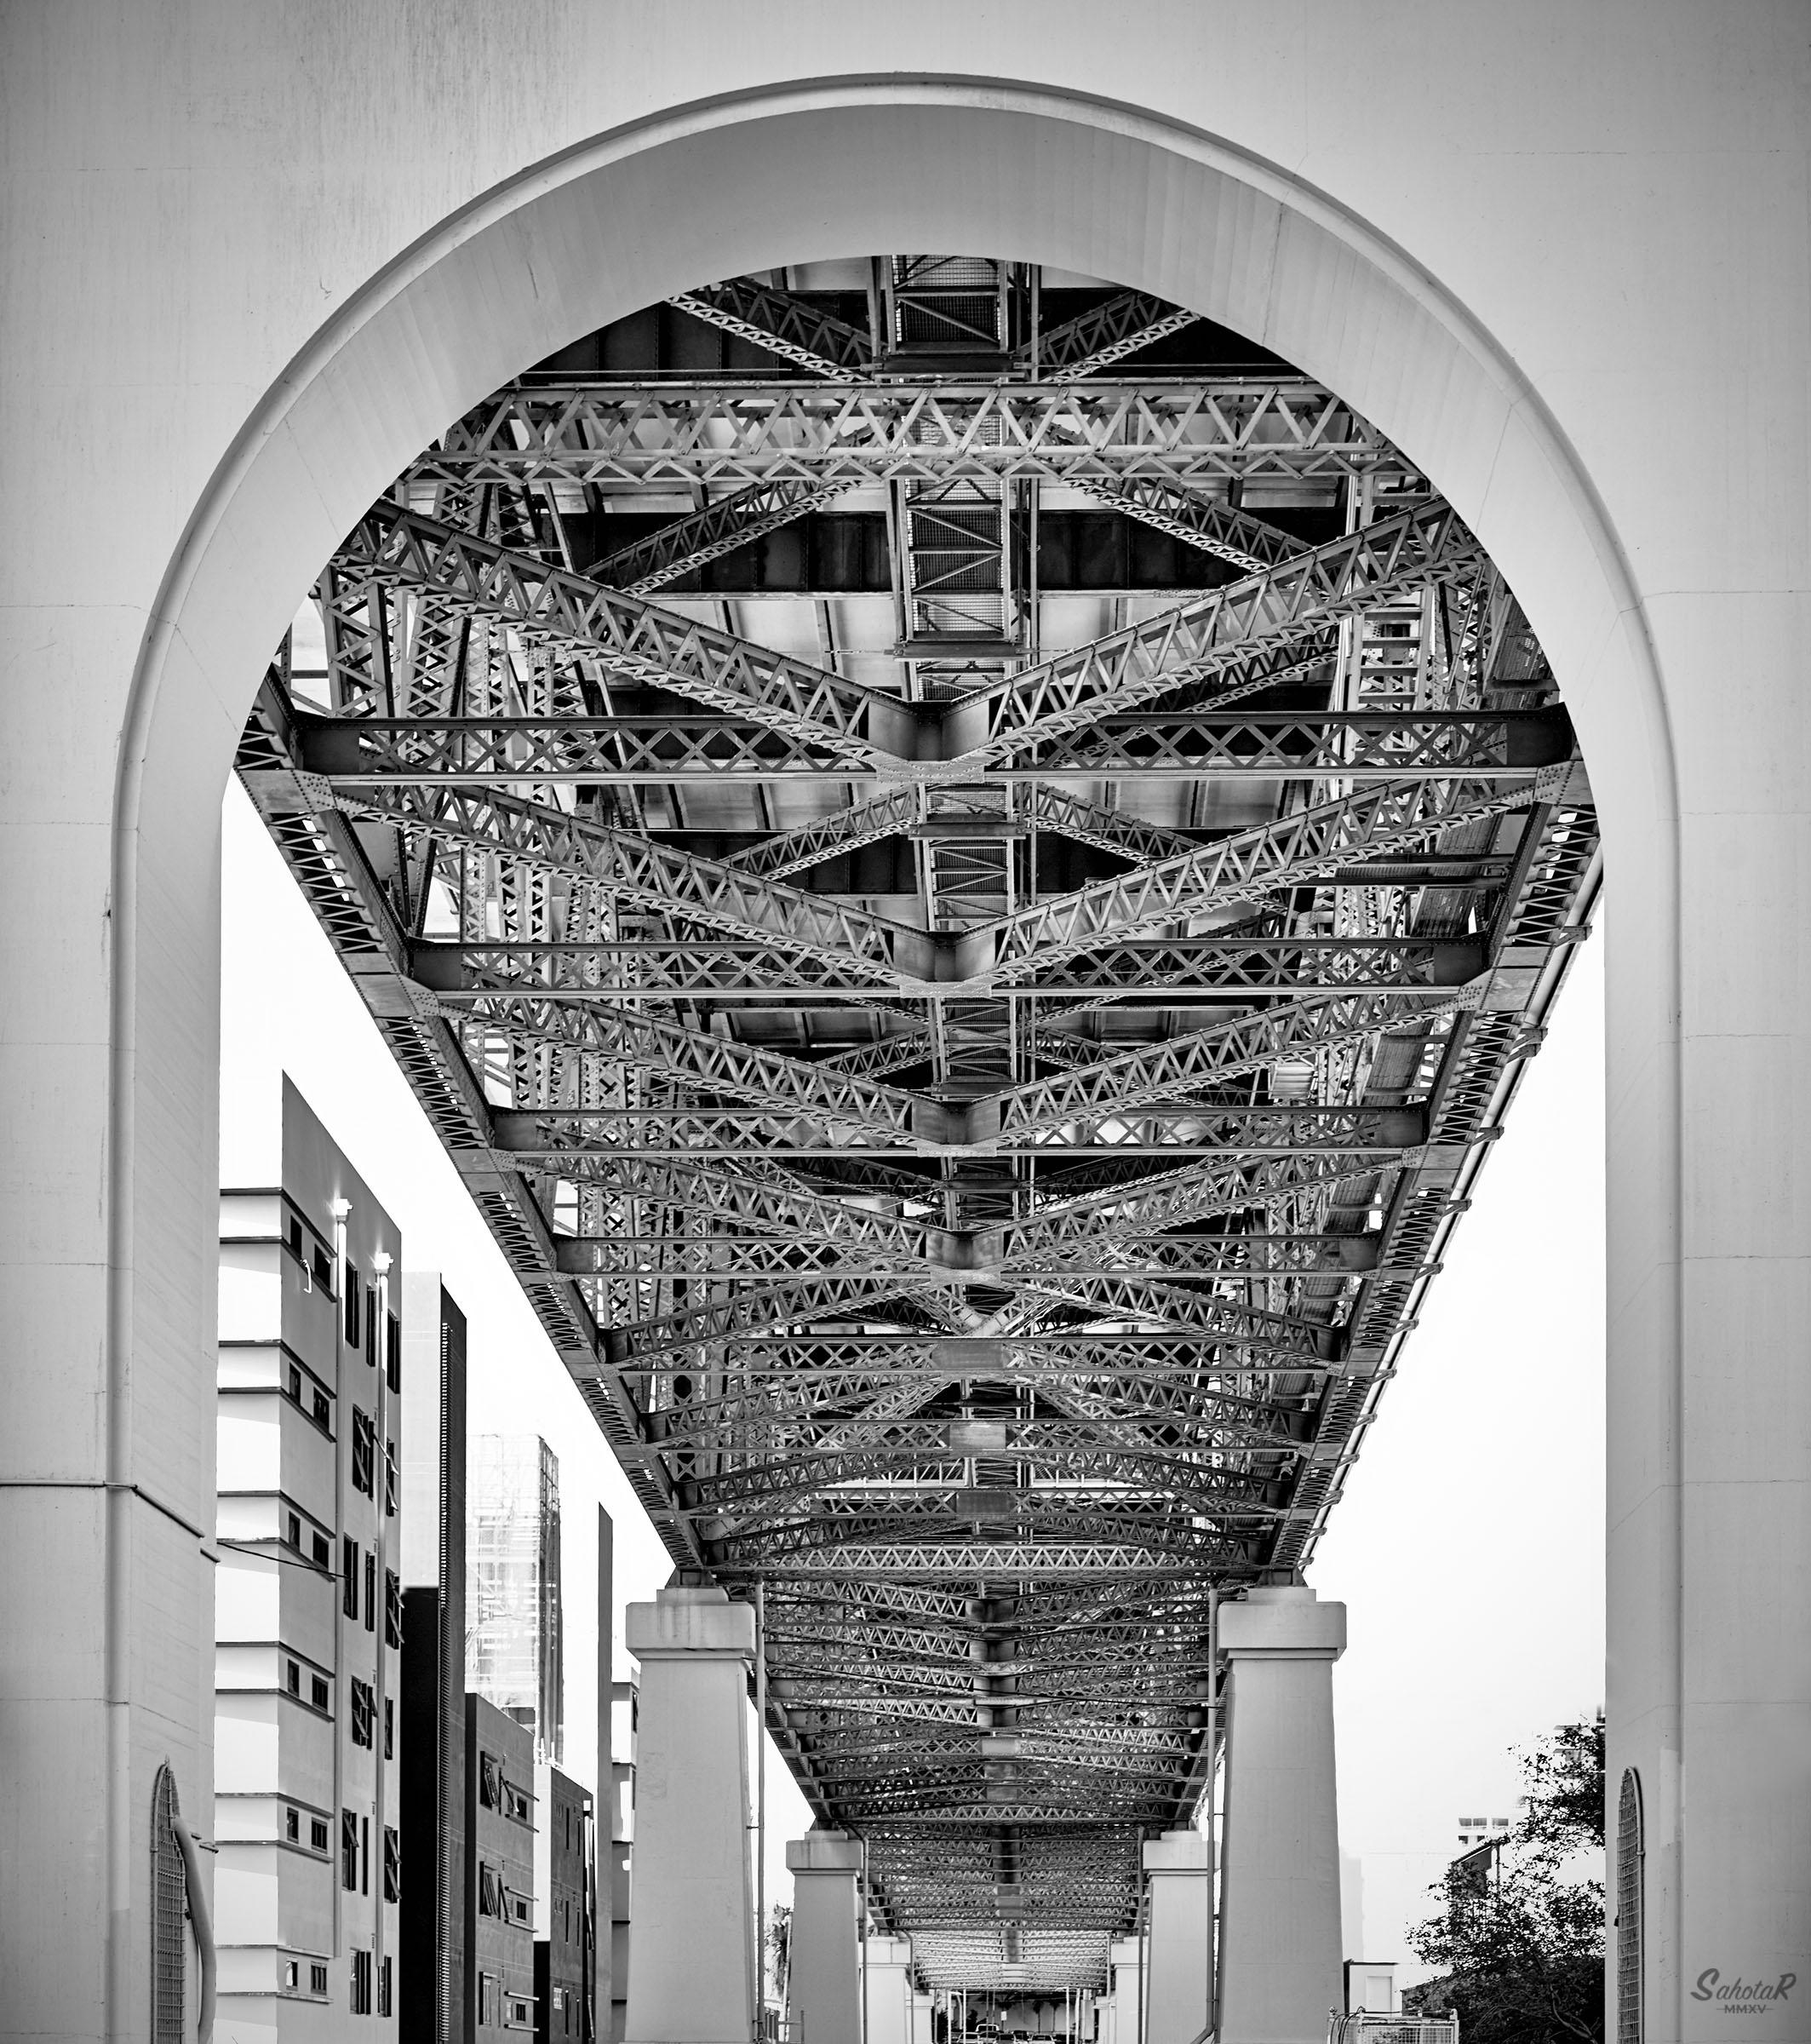 Underbelly of Story Bridge, Brisbane, Aus. by SahotaR in Regular Member Gallery